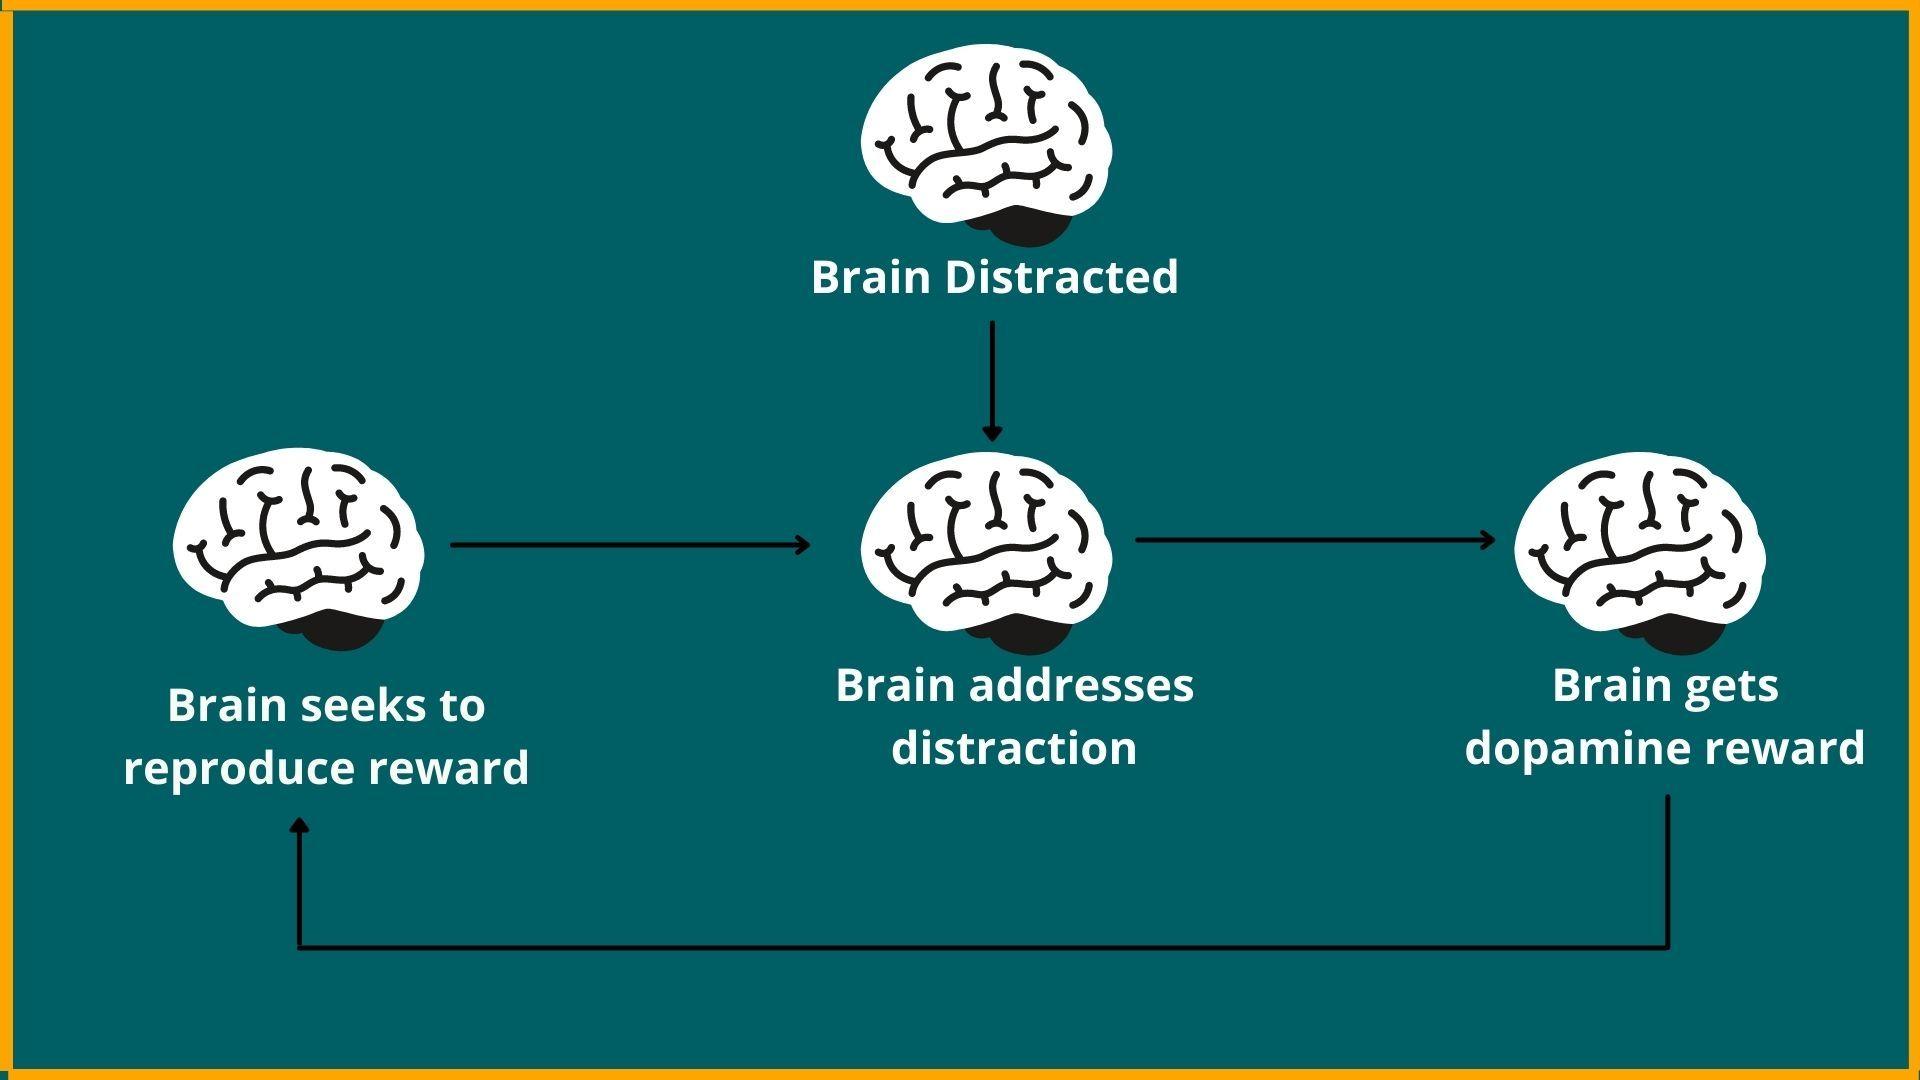 Dopamine-addiction feedback loop